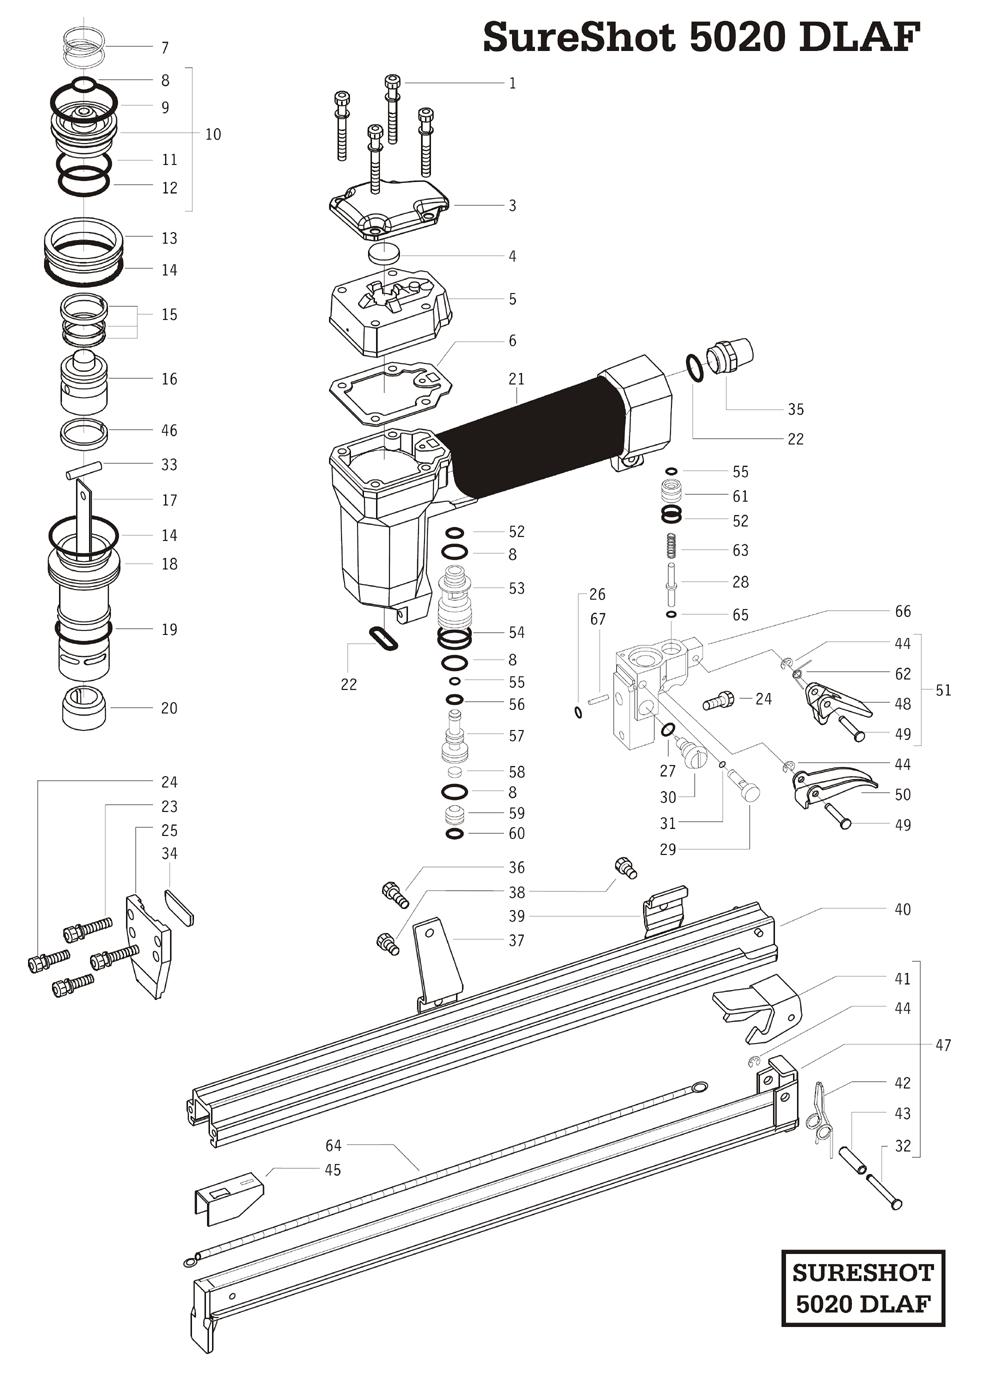 Duo-Fast 5020DLAF Parts